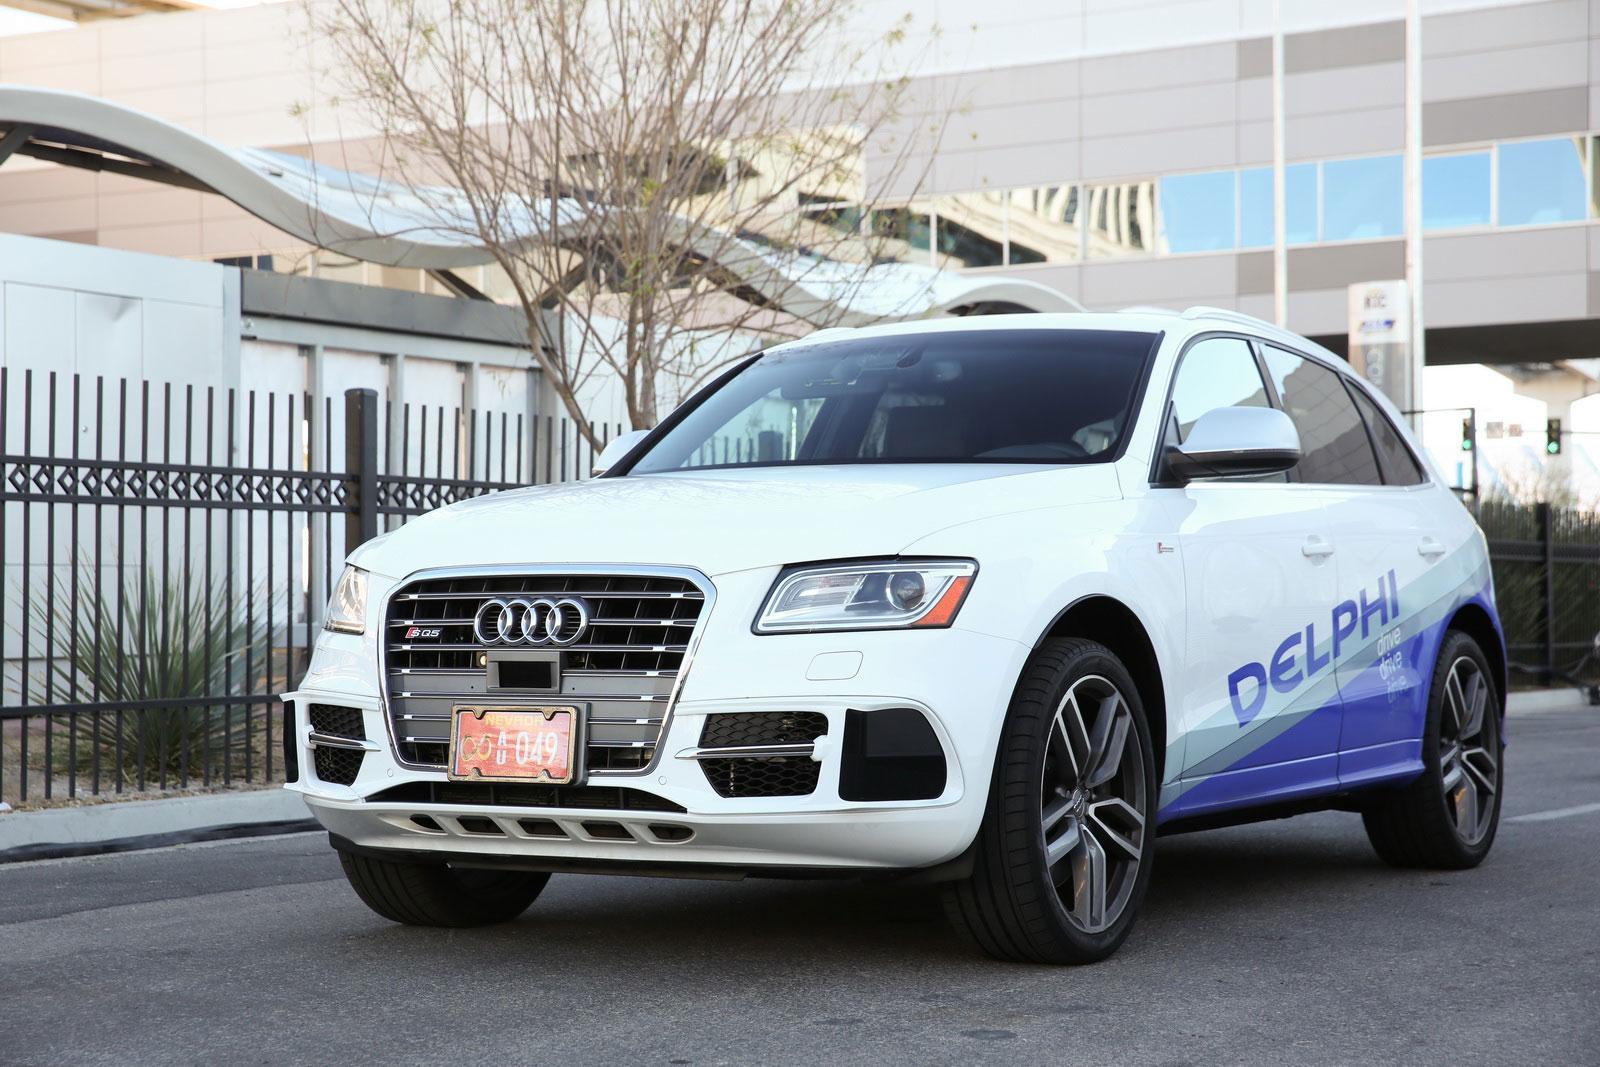 La SQ5 d'Audi, une voiture pourvue d'un pilote automatique (Photo: Delphi).